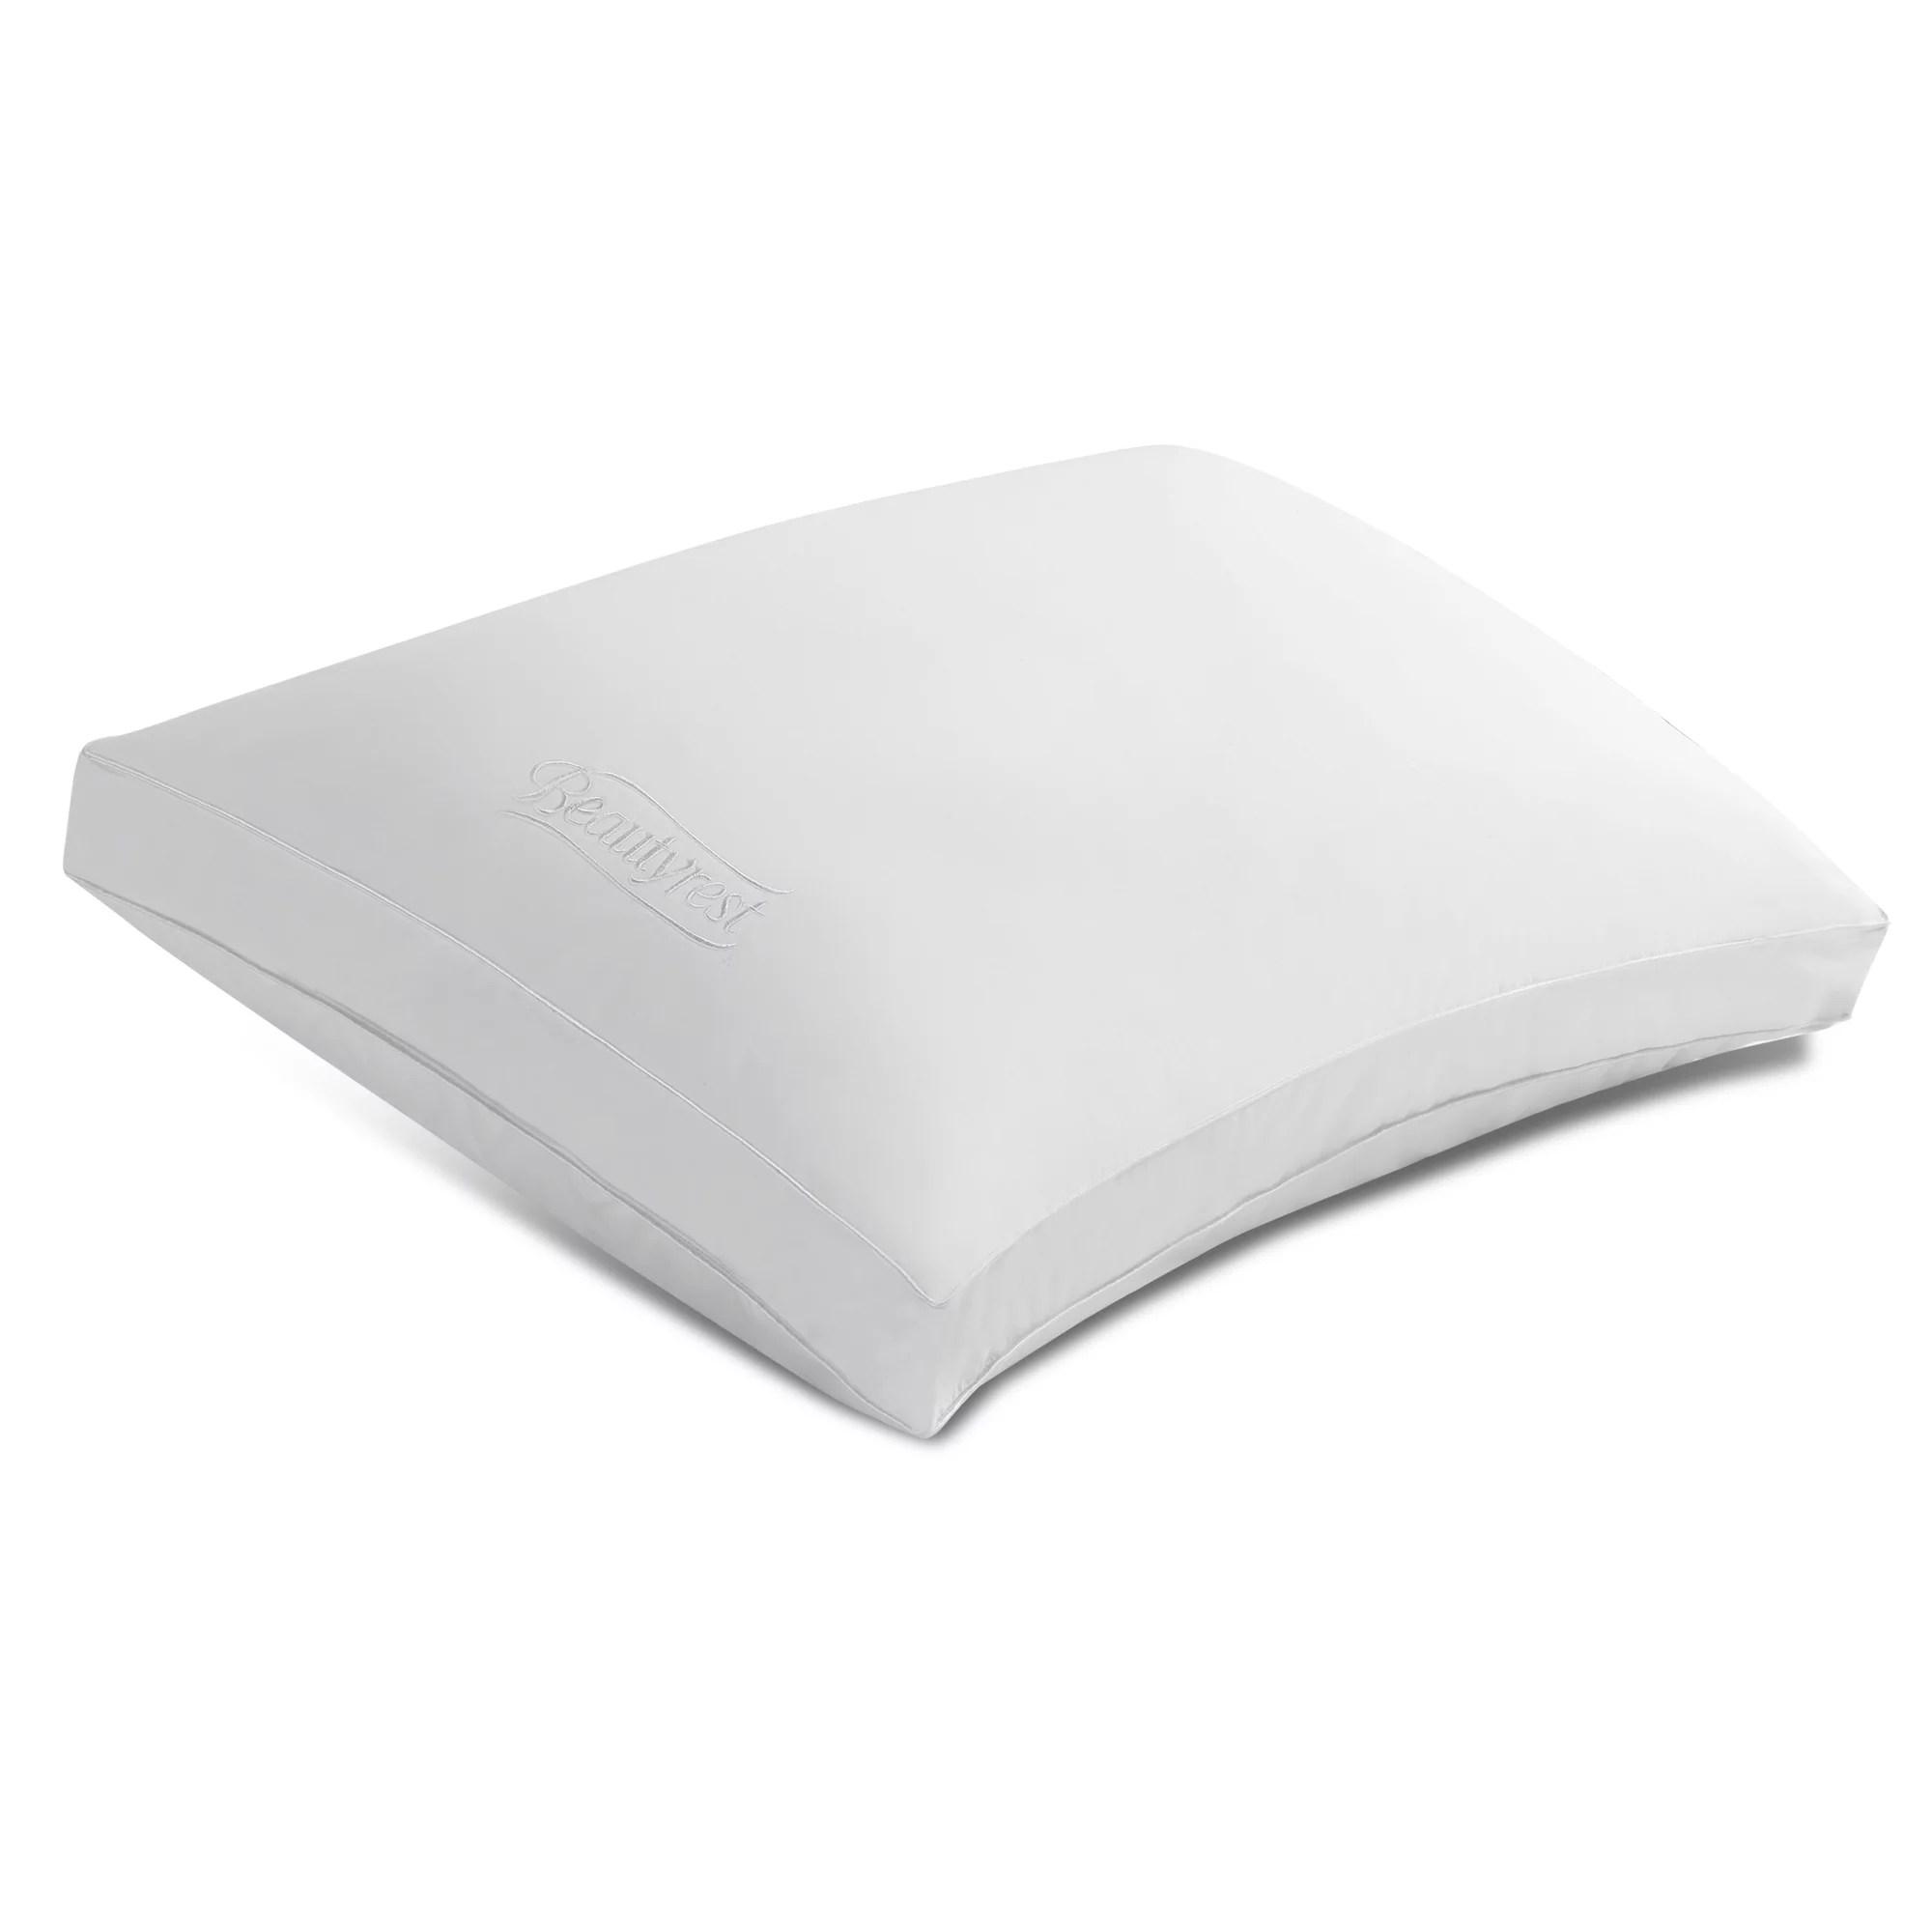 beautyrest black pillows 2 pack standard queen